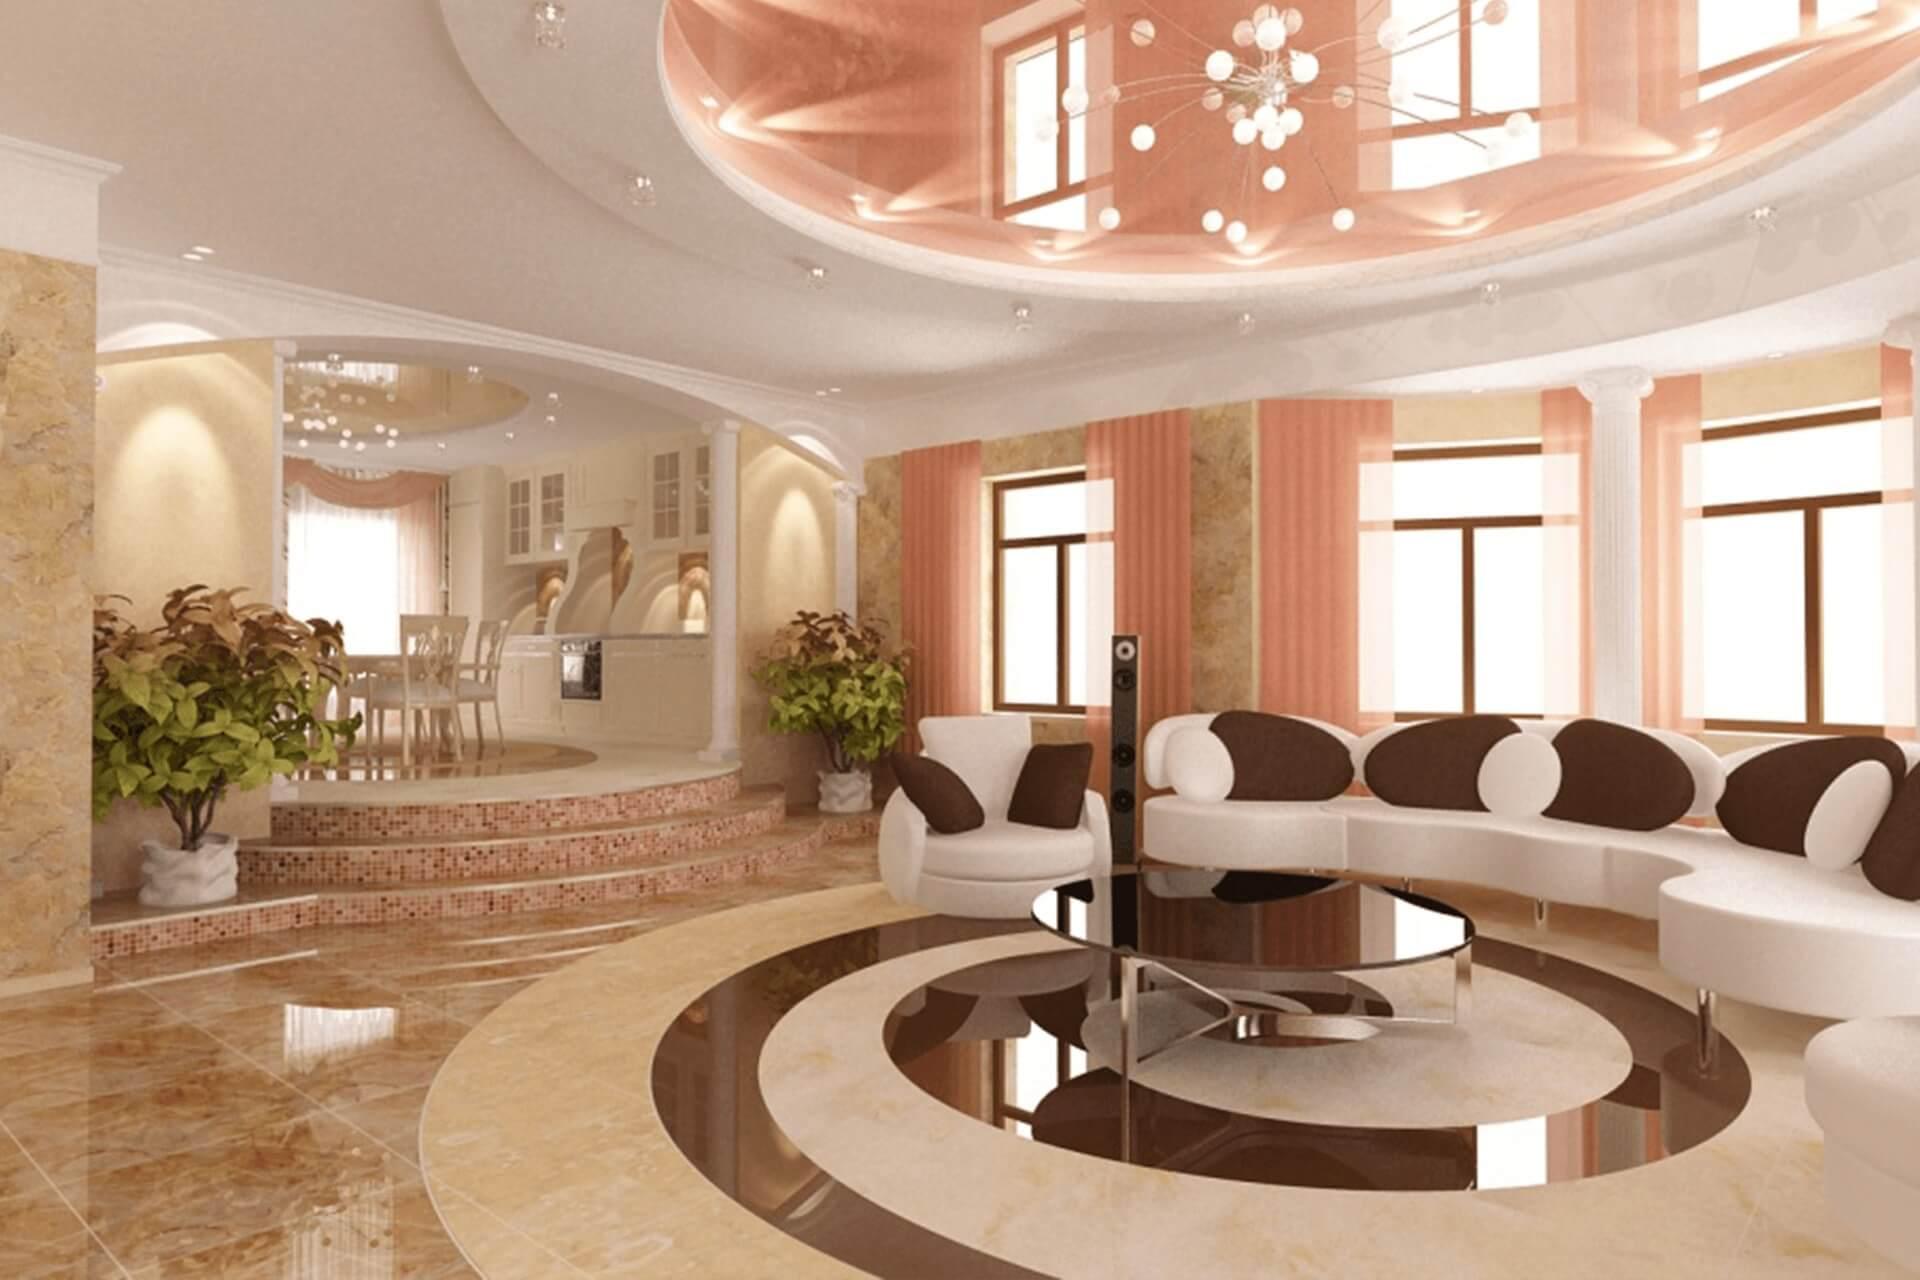 Розовый натяжной потолок в доме